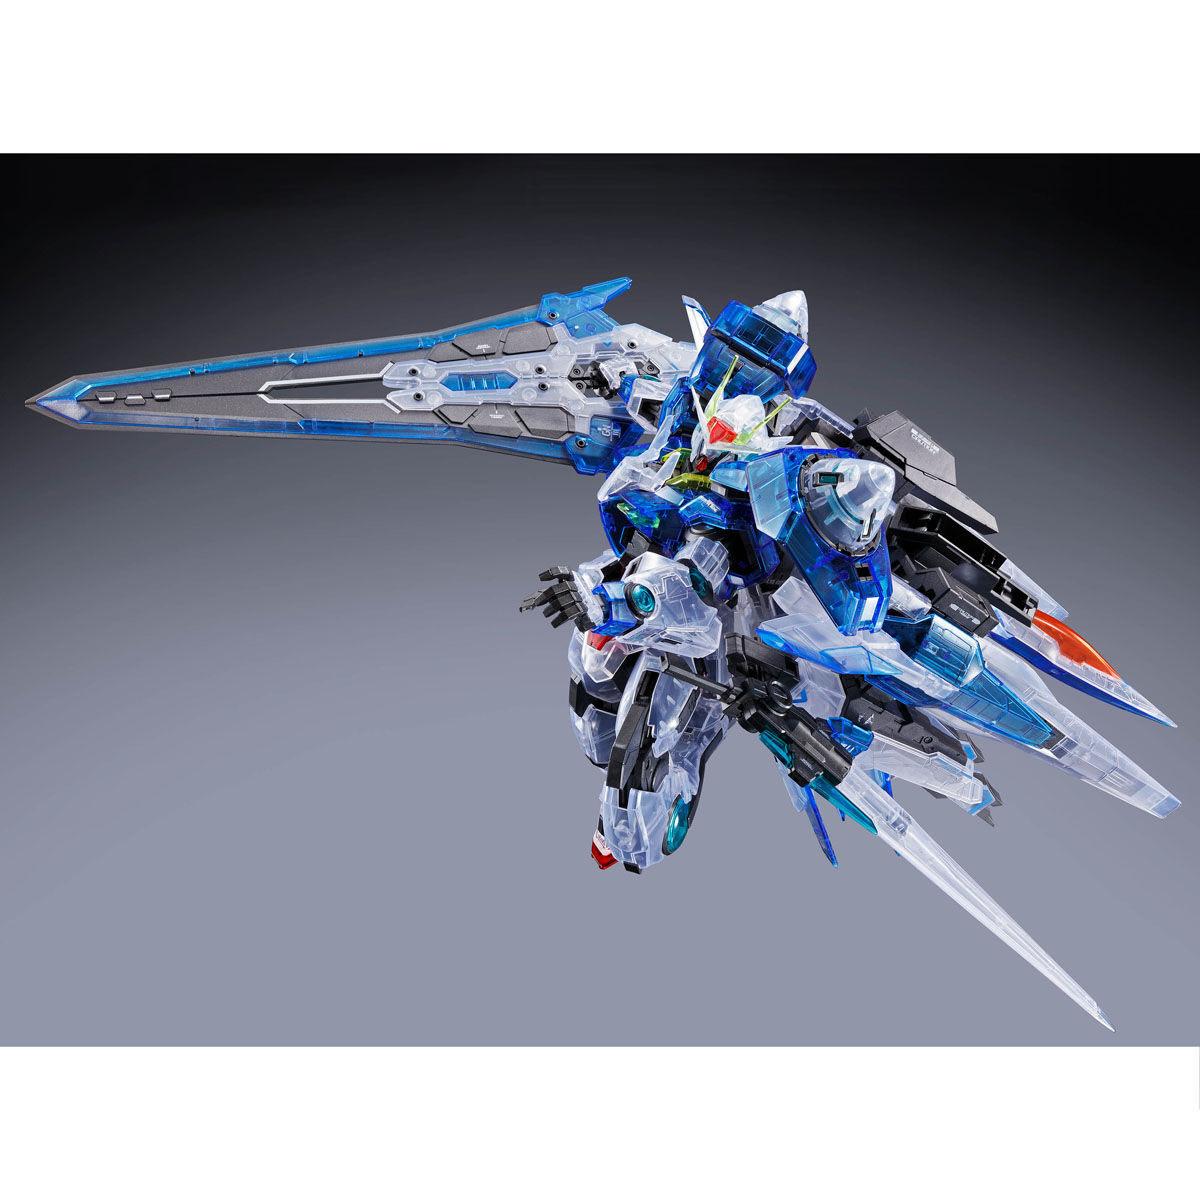 【限定販売】MG 1/100『ダブルオーザンライザー[クリアカラー]』機動戦士ガンダム00V プラモデル-004